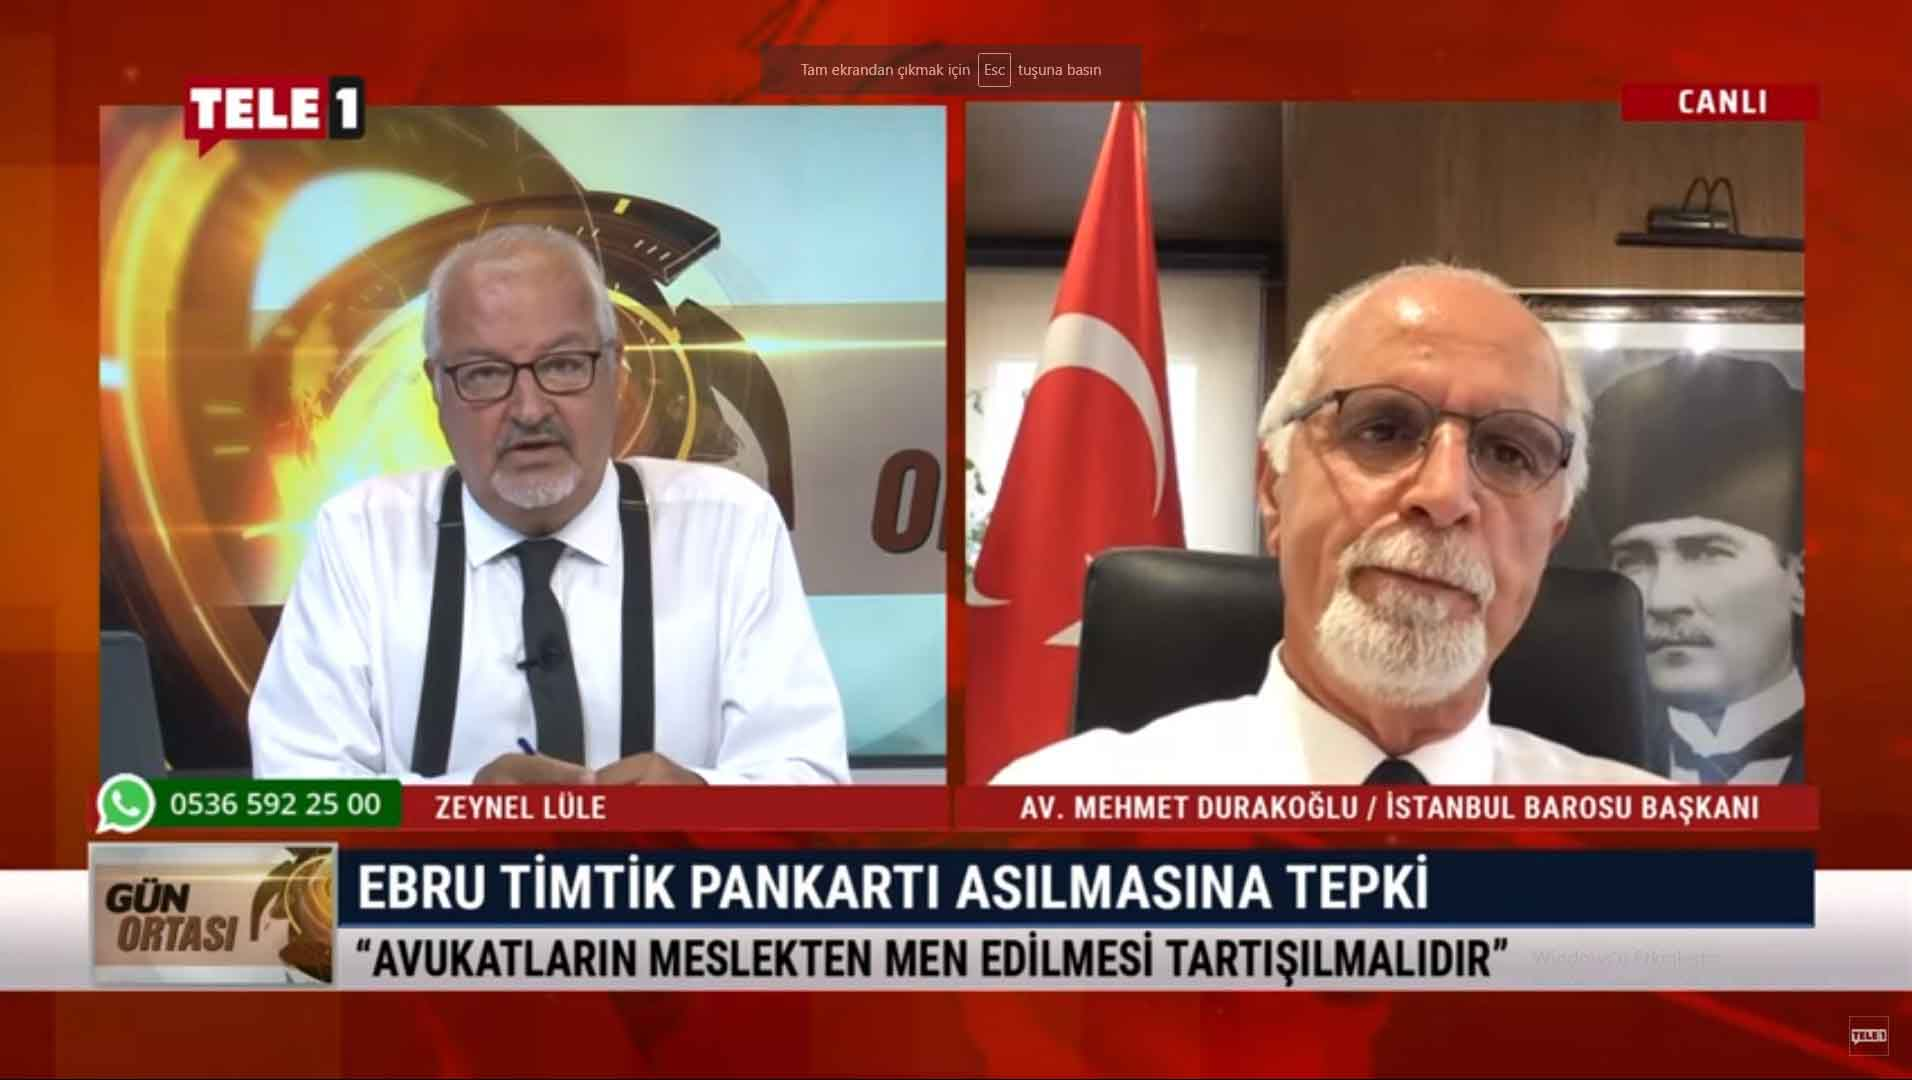 """Türkiye'de 'iktidara muhalif hak savunuculuğu"""" yapmak tehlikede mi?"""